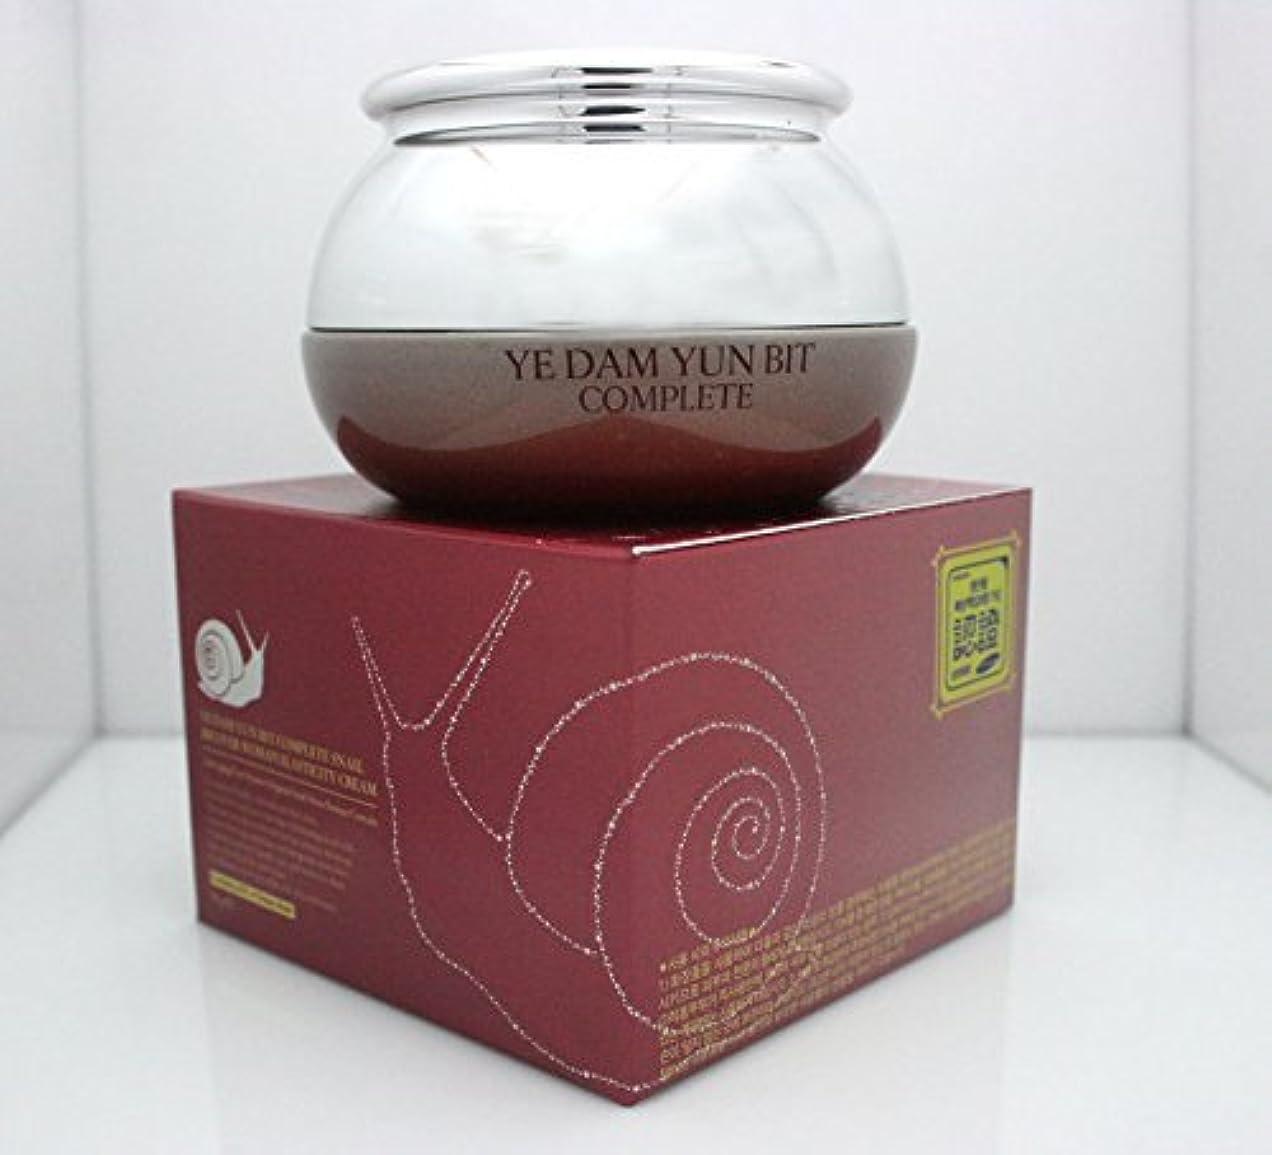 バックグラウンド完全に毛細血管[YEDAM YUNBIT] 完全なカタツムリ?リフト?リフティング?クリーム50g/韓国化粧品/Complete Snail Recover Lifting Cream 50g/Korean cosmetics [並行輸入品]